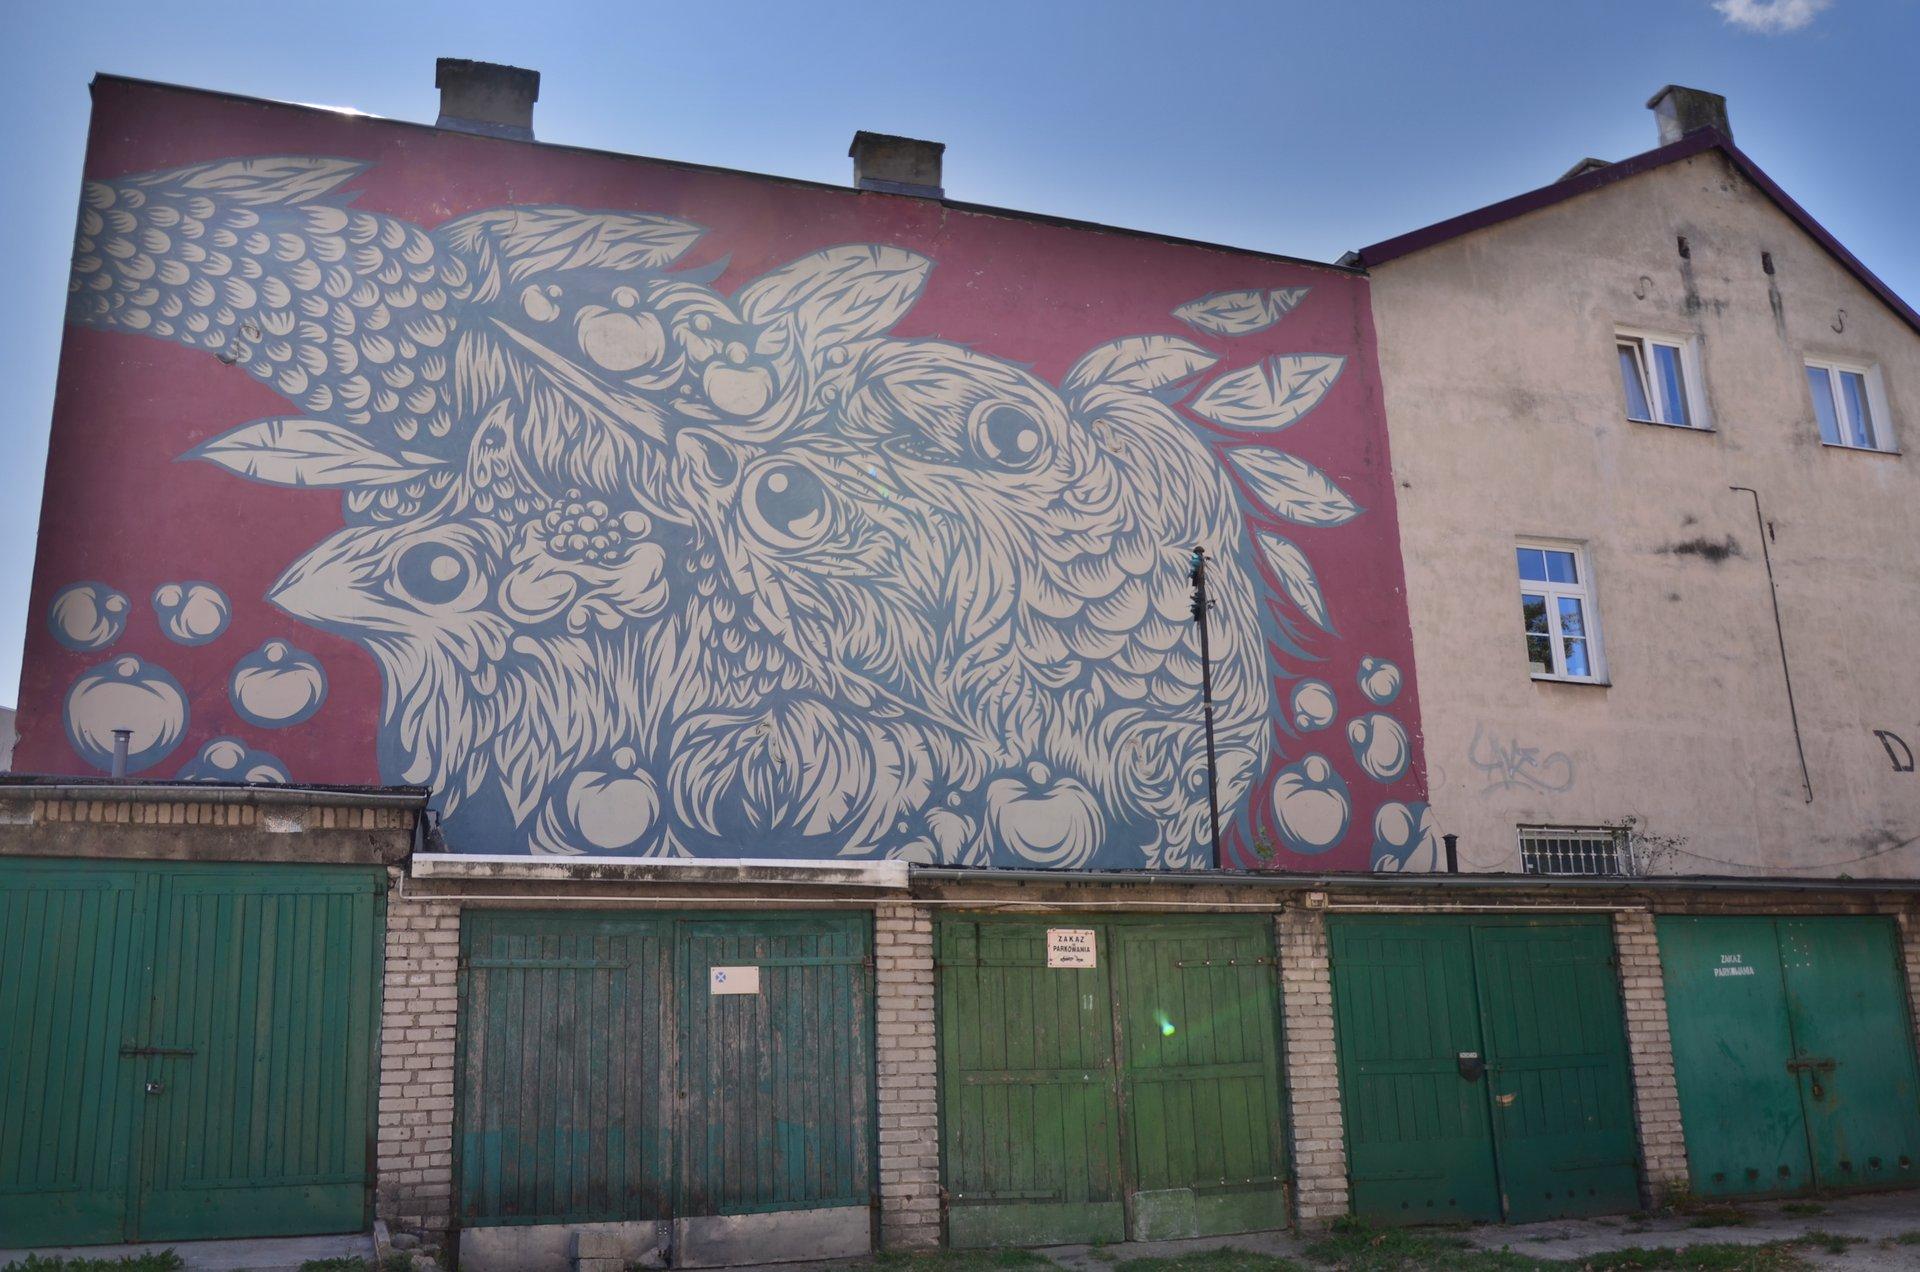 Białystok Waryńskiego Częstochowska mural garaż garażefree photo darmowe zdjęcie